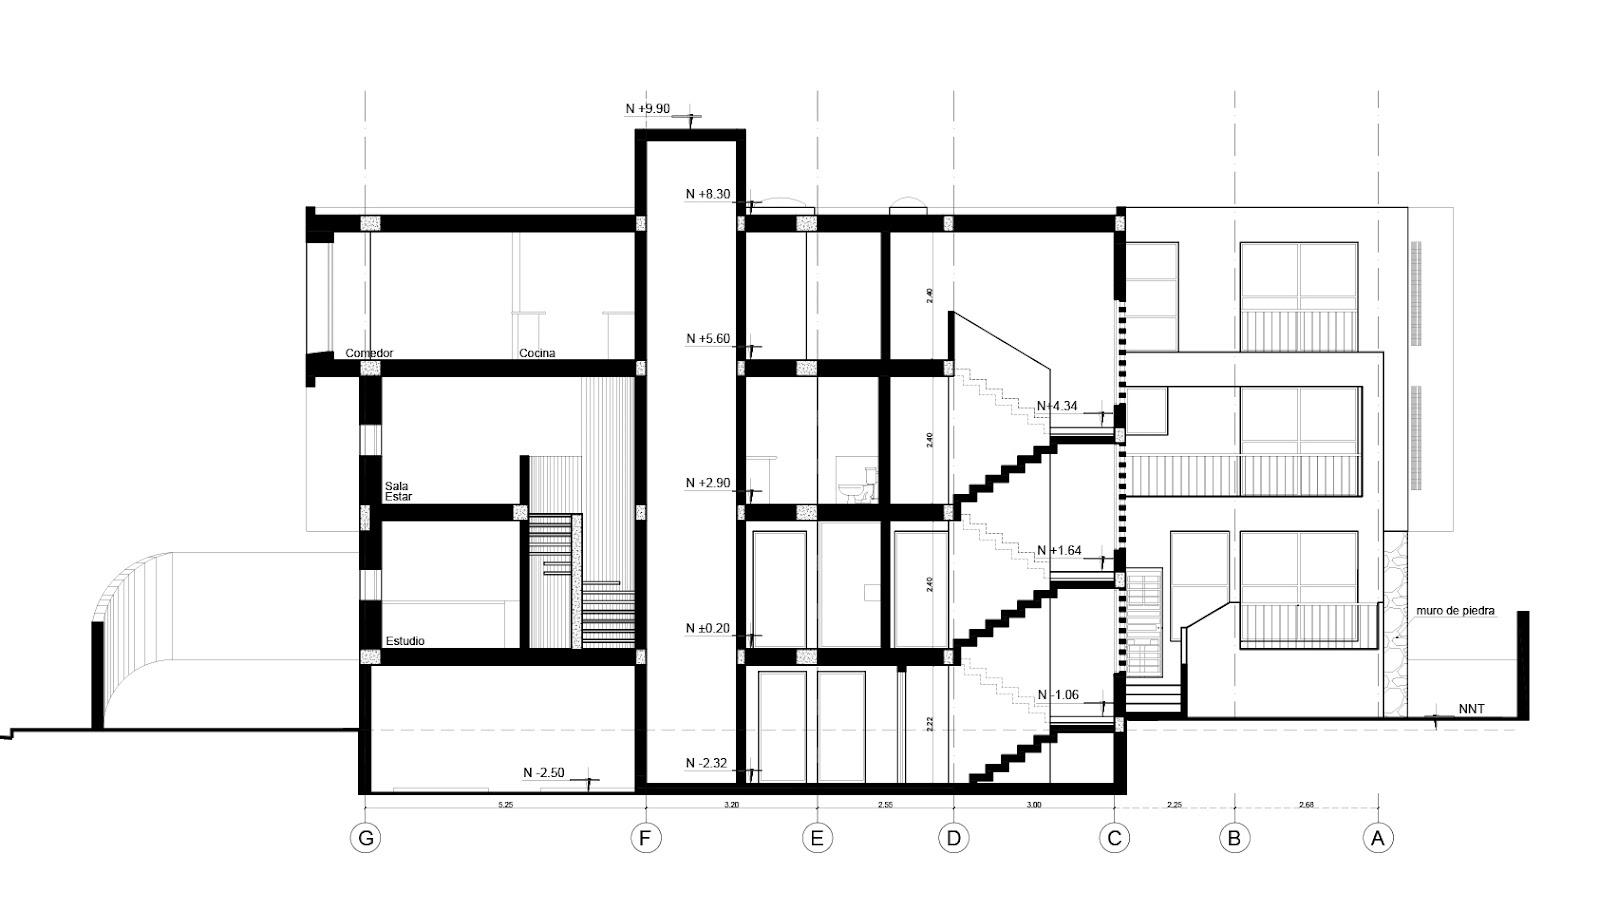 Arquitectura moderna en ecuador fausto banderas vela for Arquitectura moderna planos